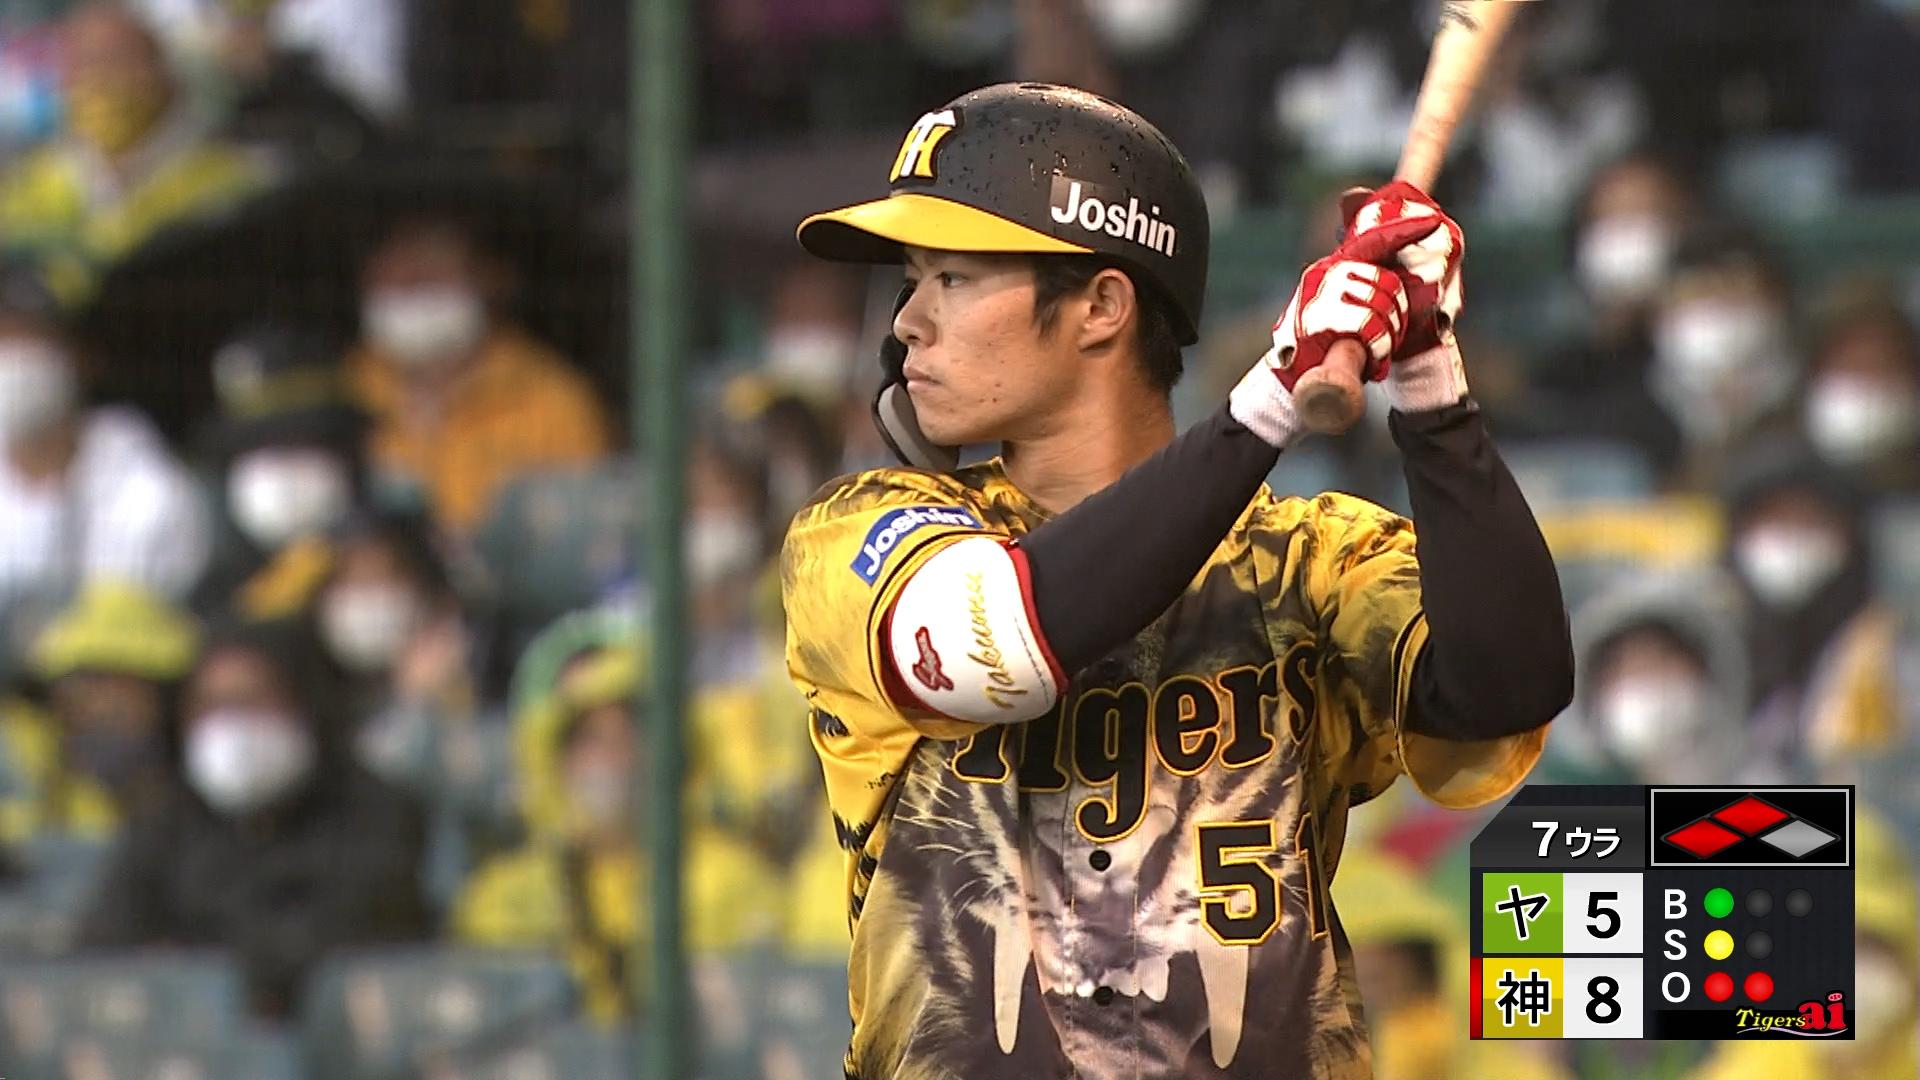 【7回裏】中野 レフト前へ貴重なタイムリーヒット!! 2021/04/18 T-S